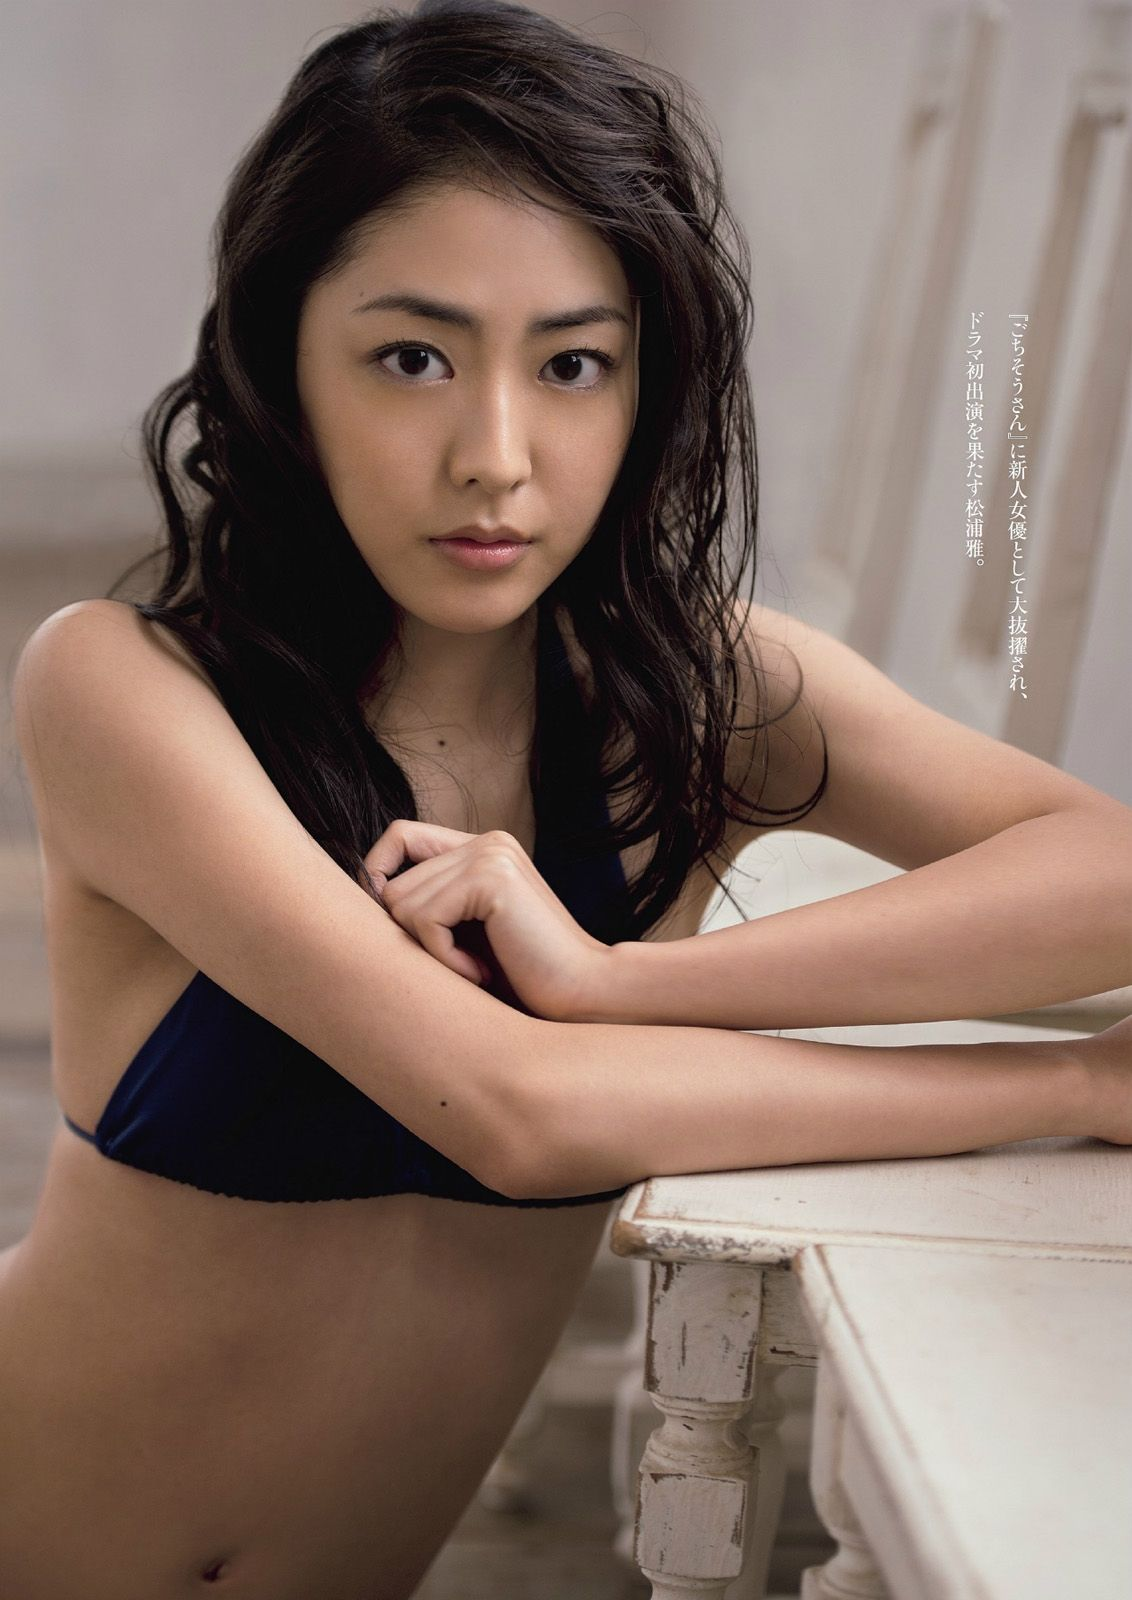 松浦雅miyabi Matsuura Good Looker Pinterest Actresses